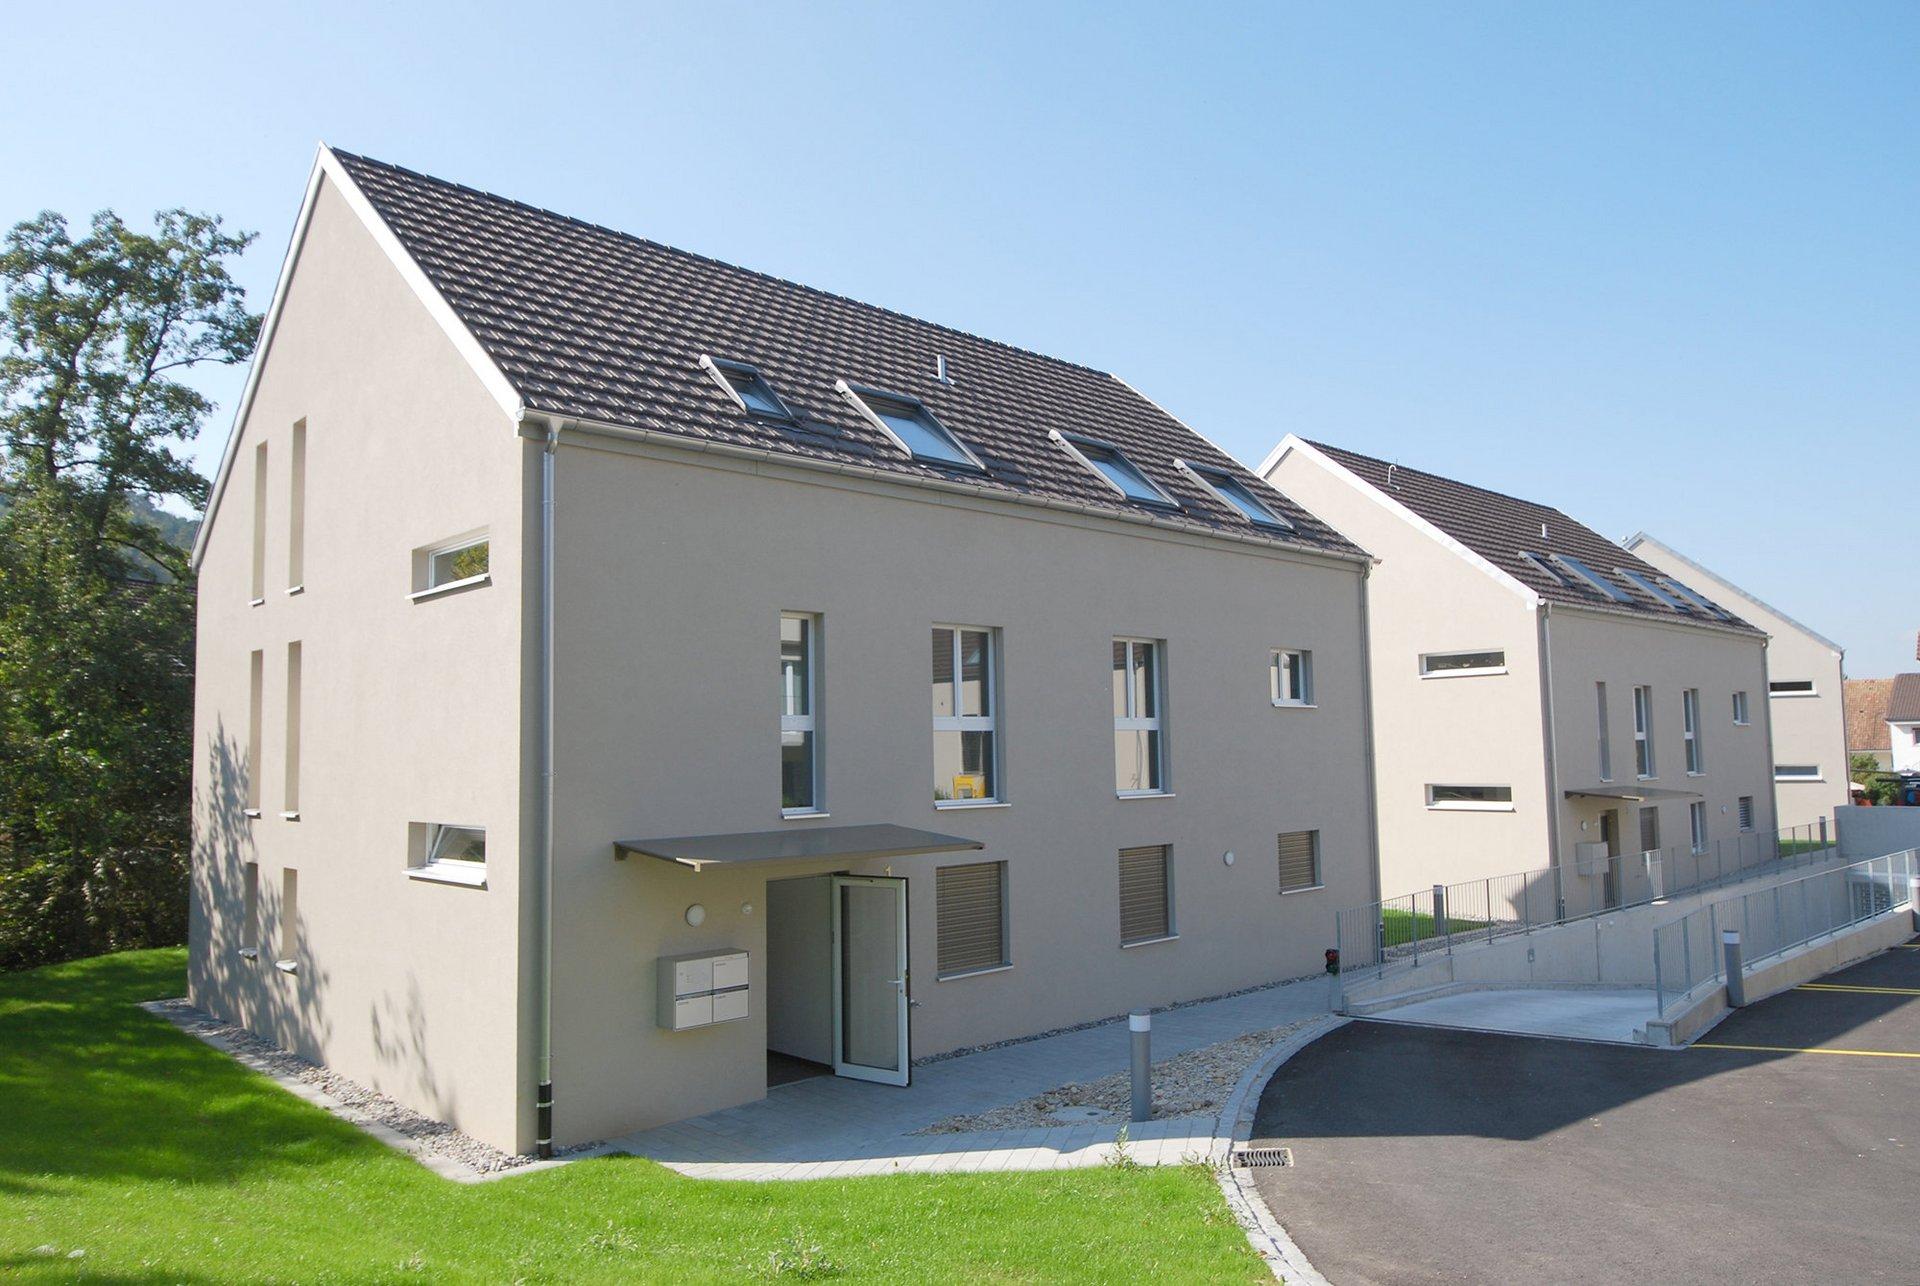 Dachkonstruktion mit Dämmung und Bedachung.